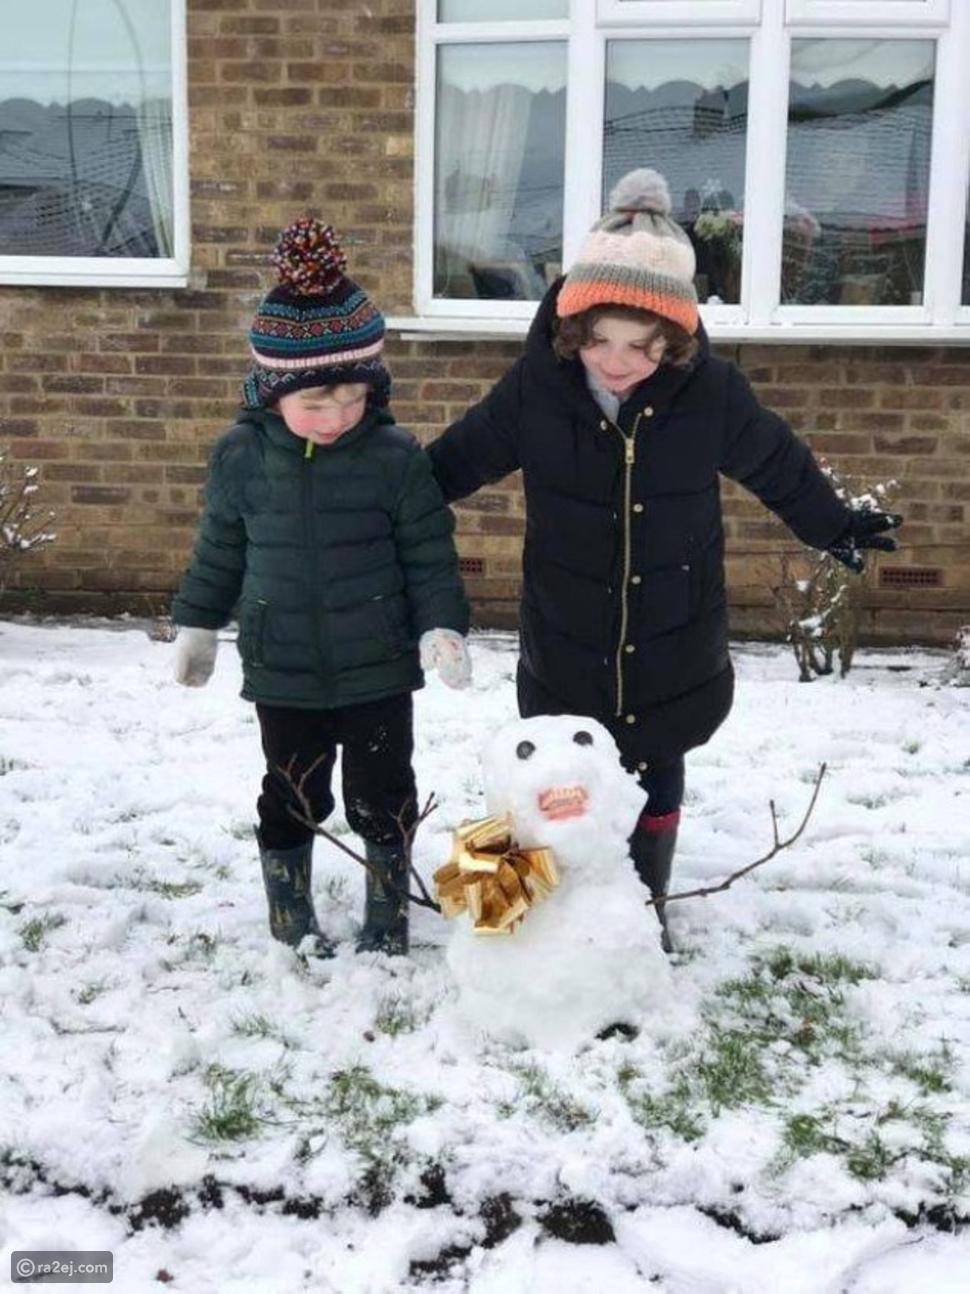 رجل الثلج يظهر بطقم الأسنان: حيلة طريفة نفذها الأطفال